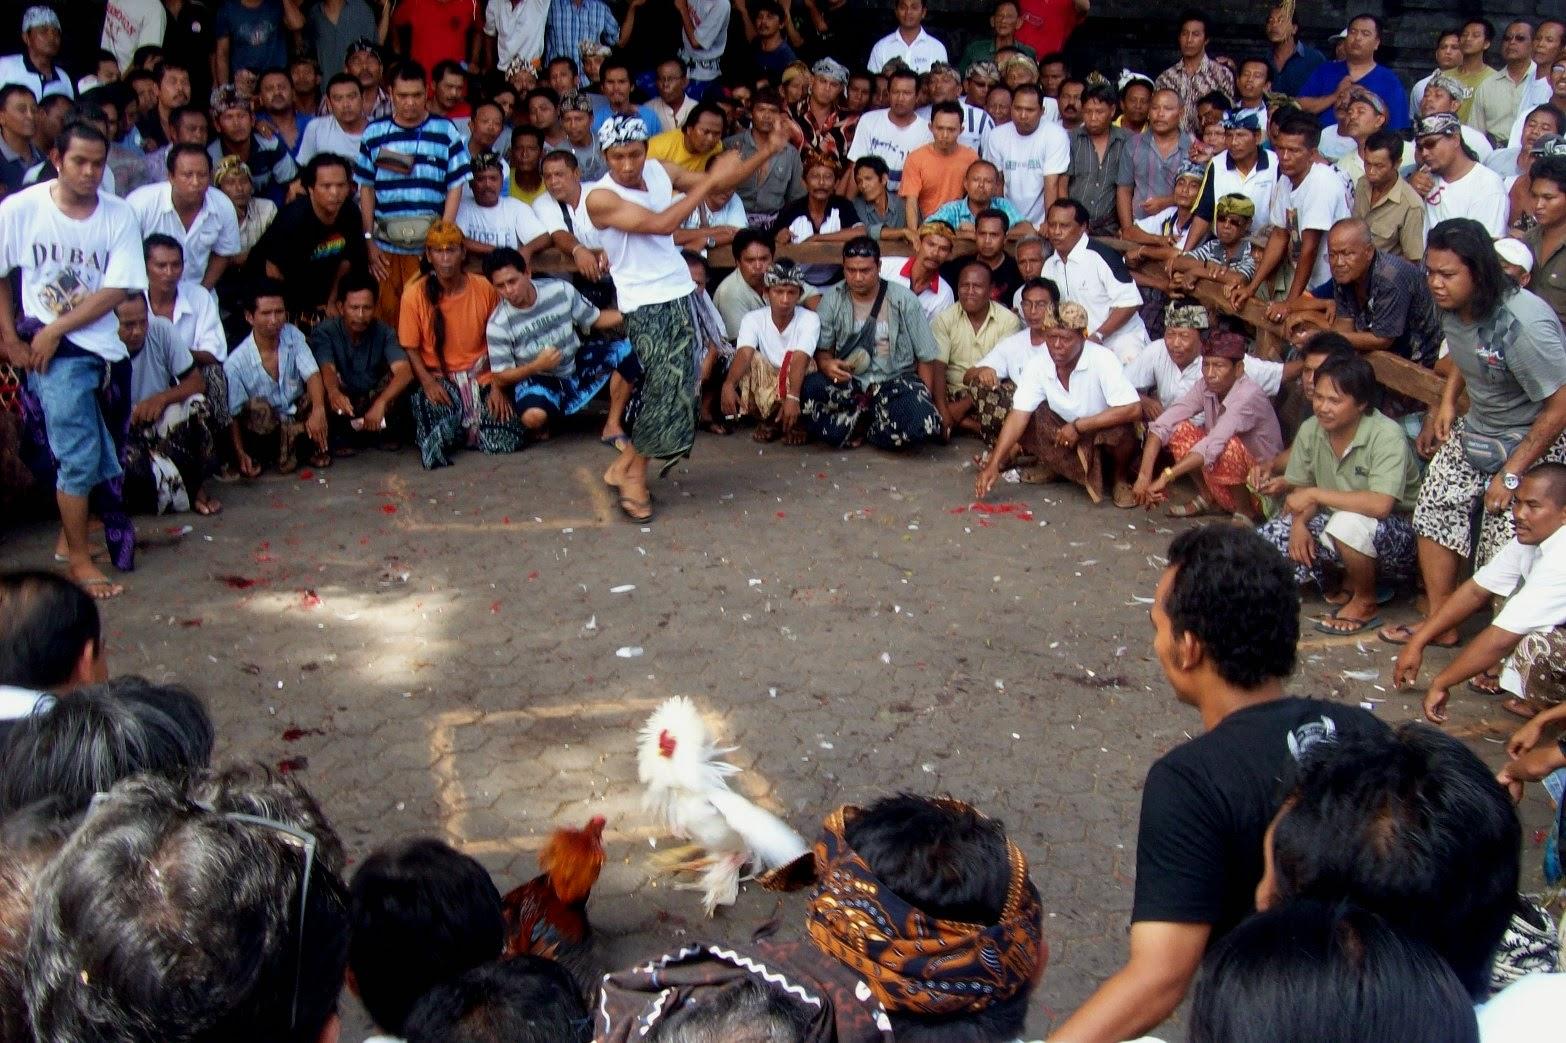 24 Kata Mutiara Xtc Photos Kata Mutiara Terbaru